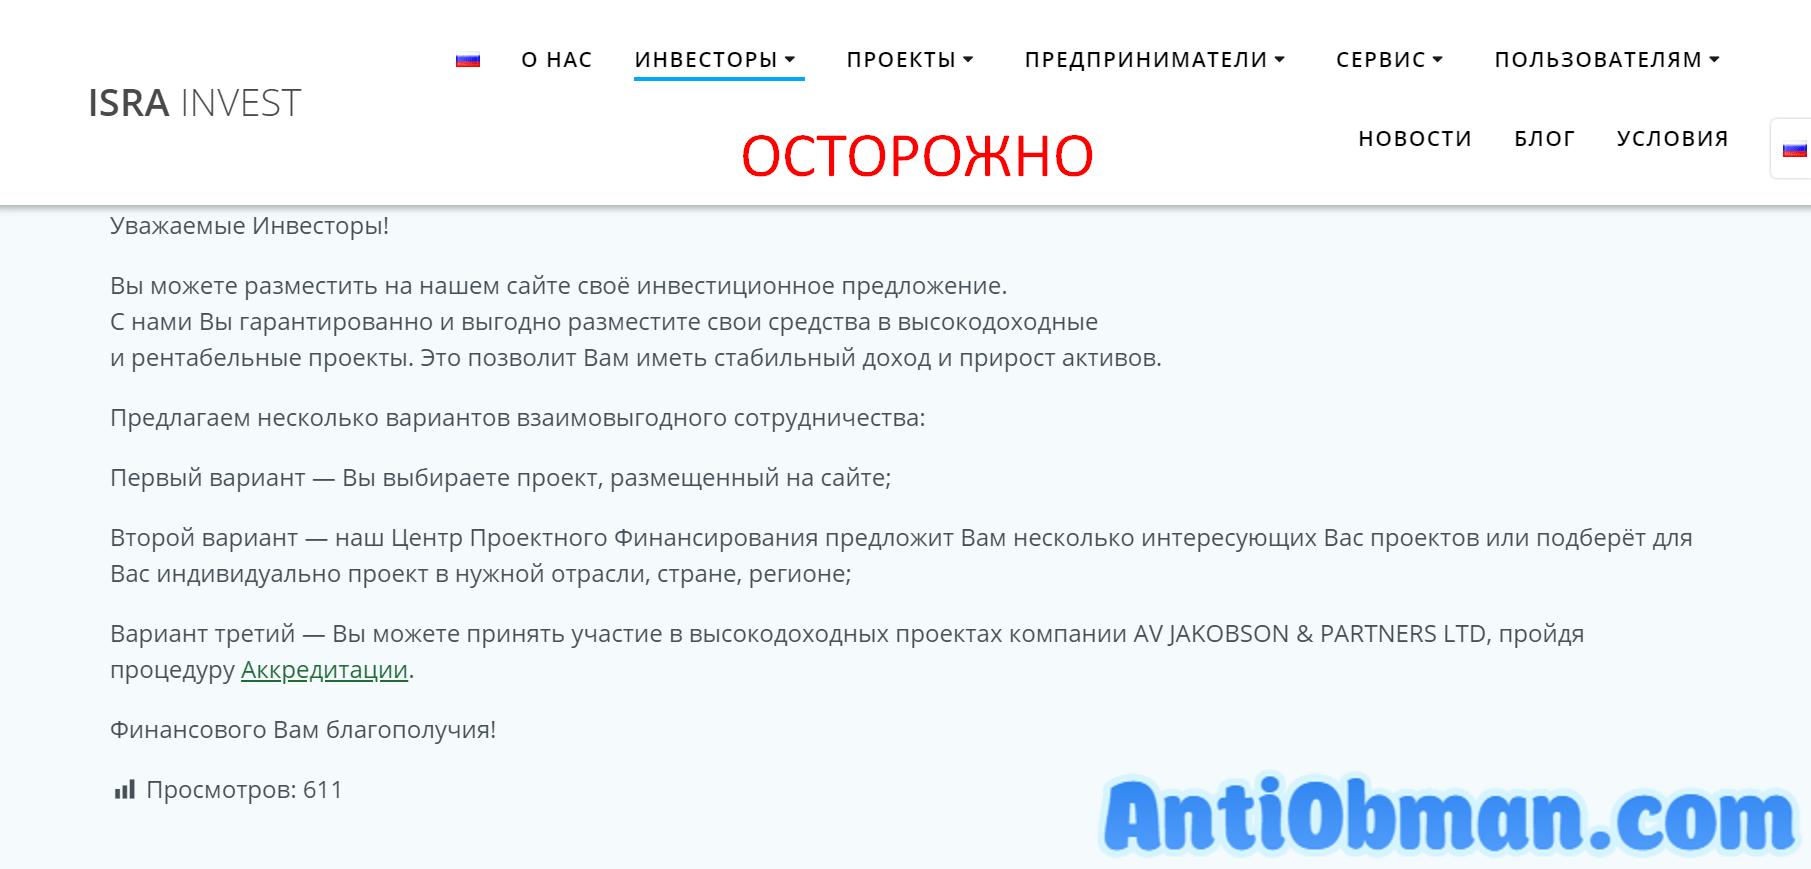 AV JAKOBSON & PARTNERS LTD маркетинг